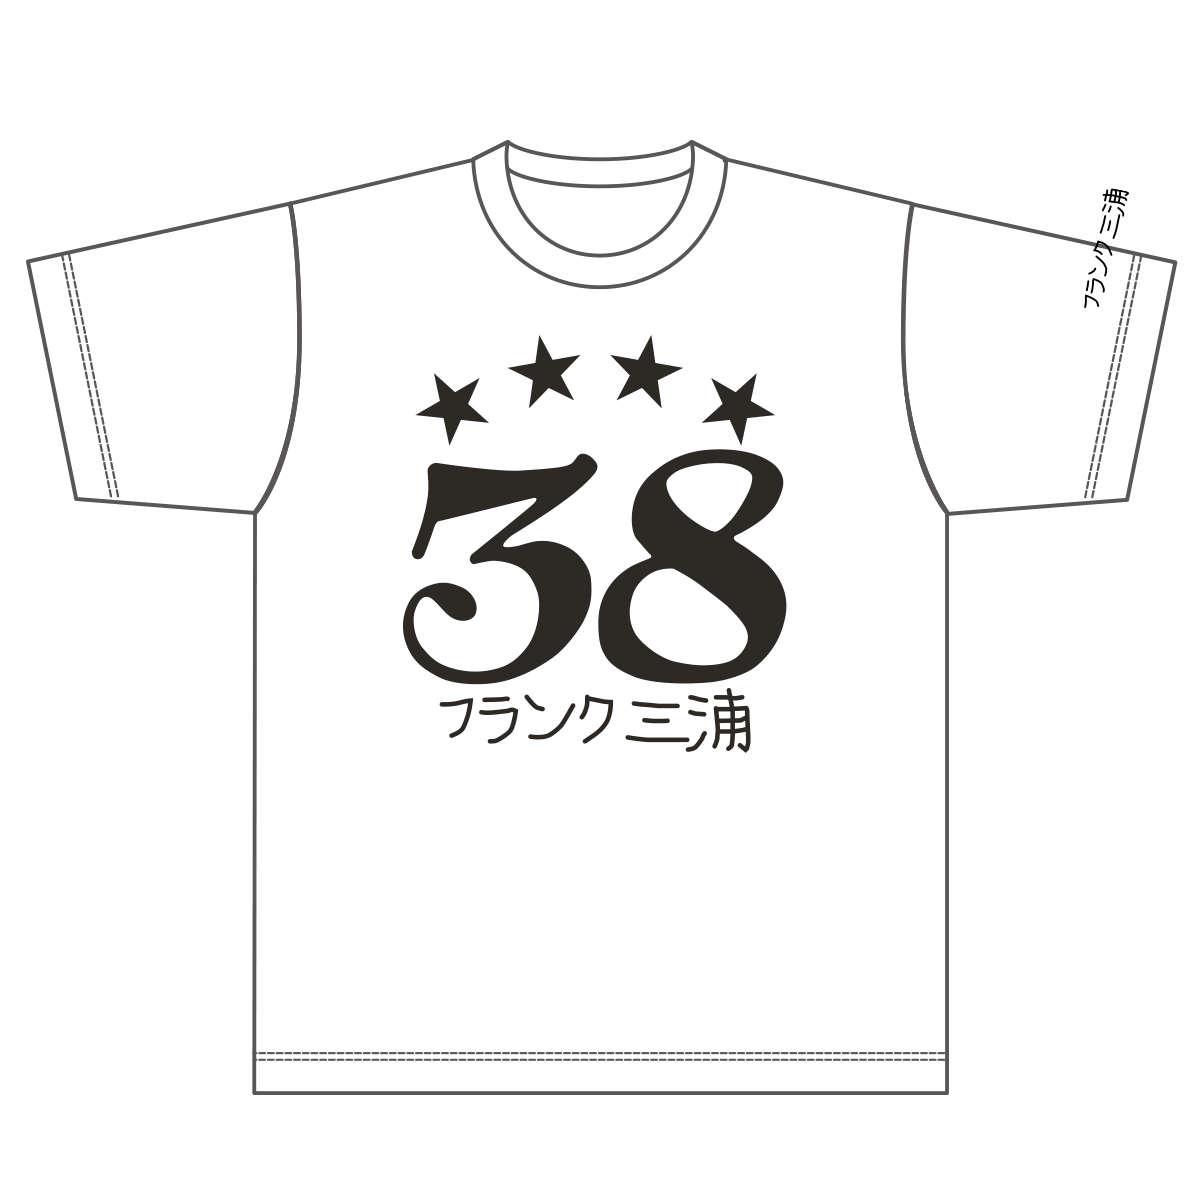 [フランク三浦]  Tシャツ 幸運を運ぶ数字「38」 ブラック ホワイト 5.6オンス ヘビーウェイト Tシャツ